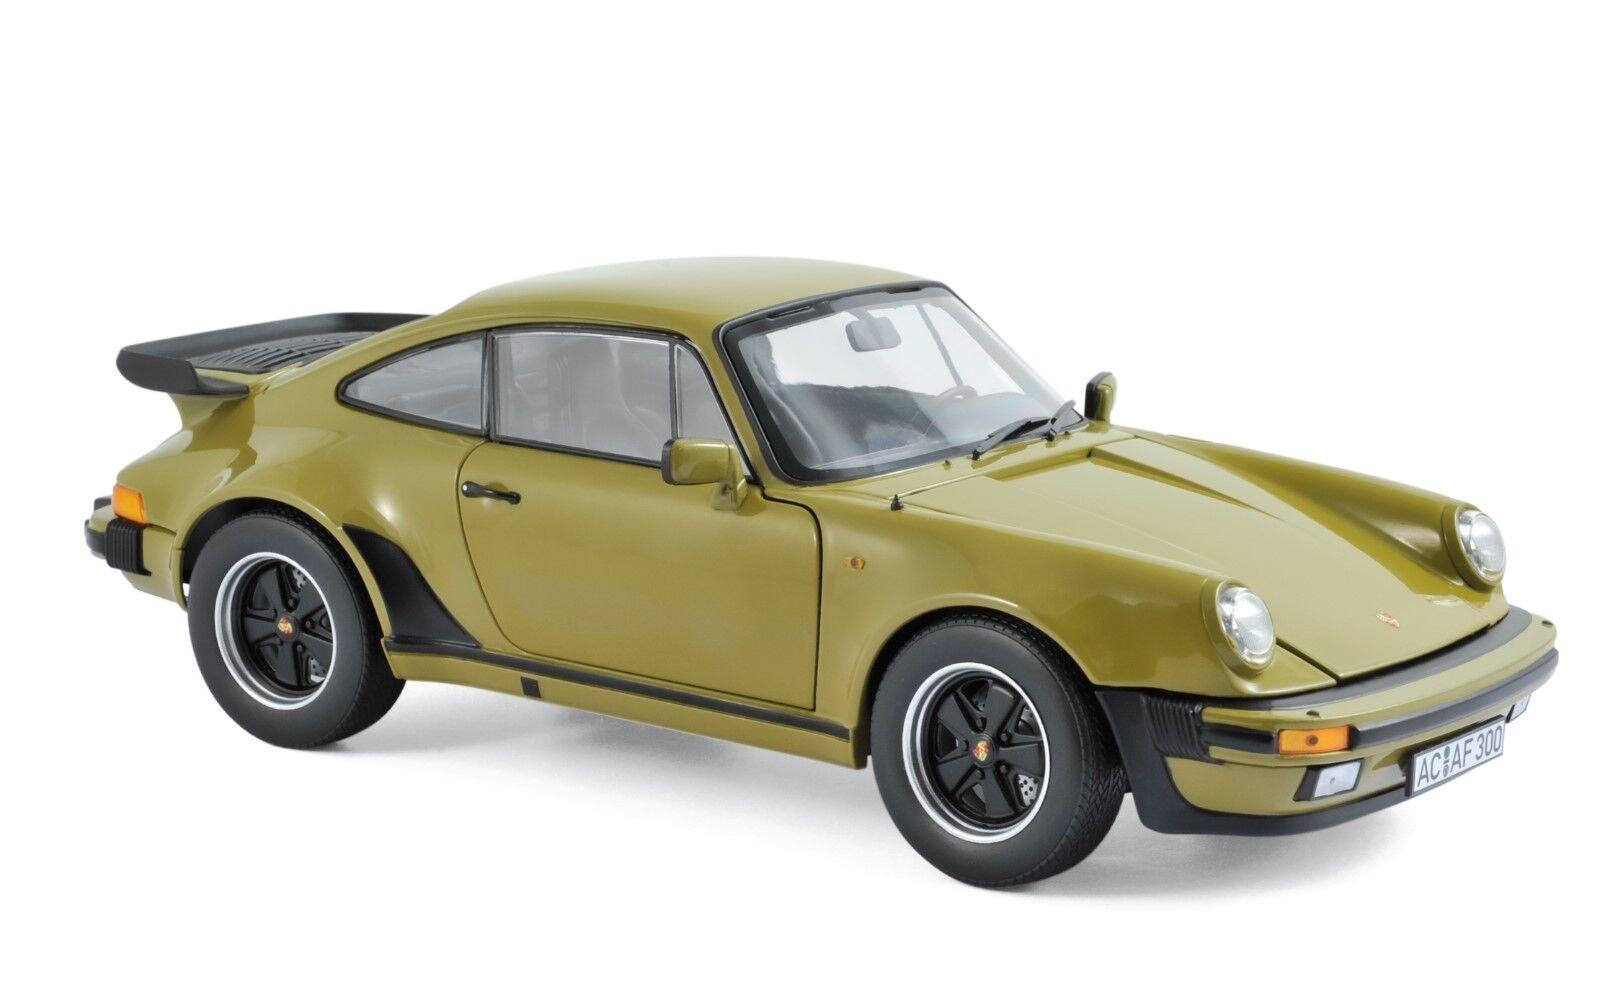 Porsche 911 Turbo 3,3 L 1977 olive vert 1:18 Norev 187575 NOUVEAU & NEUF dans sa boîte | Mode Attrayant  | Dans Un Style élégant  | Soldes  | Vente Chaude